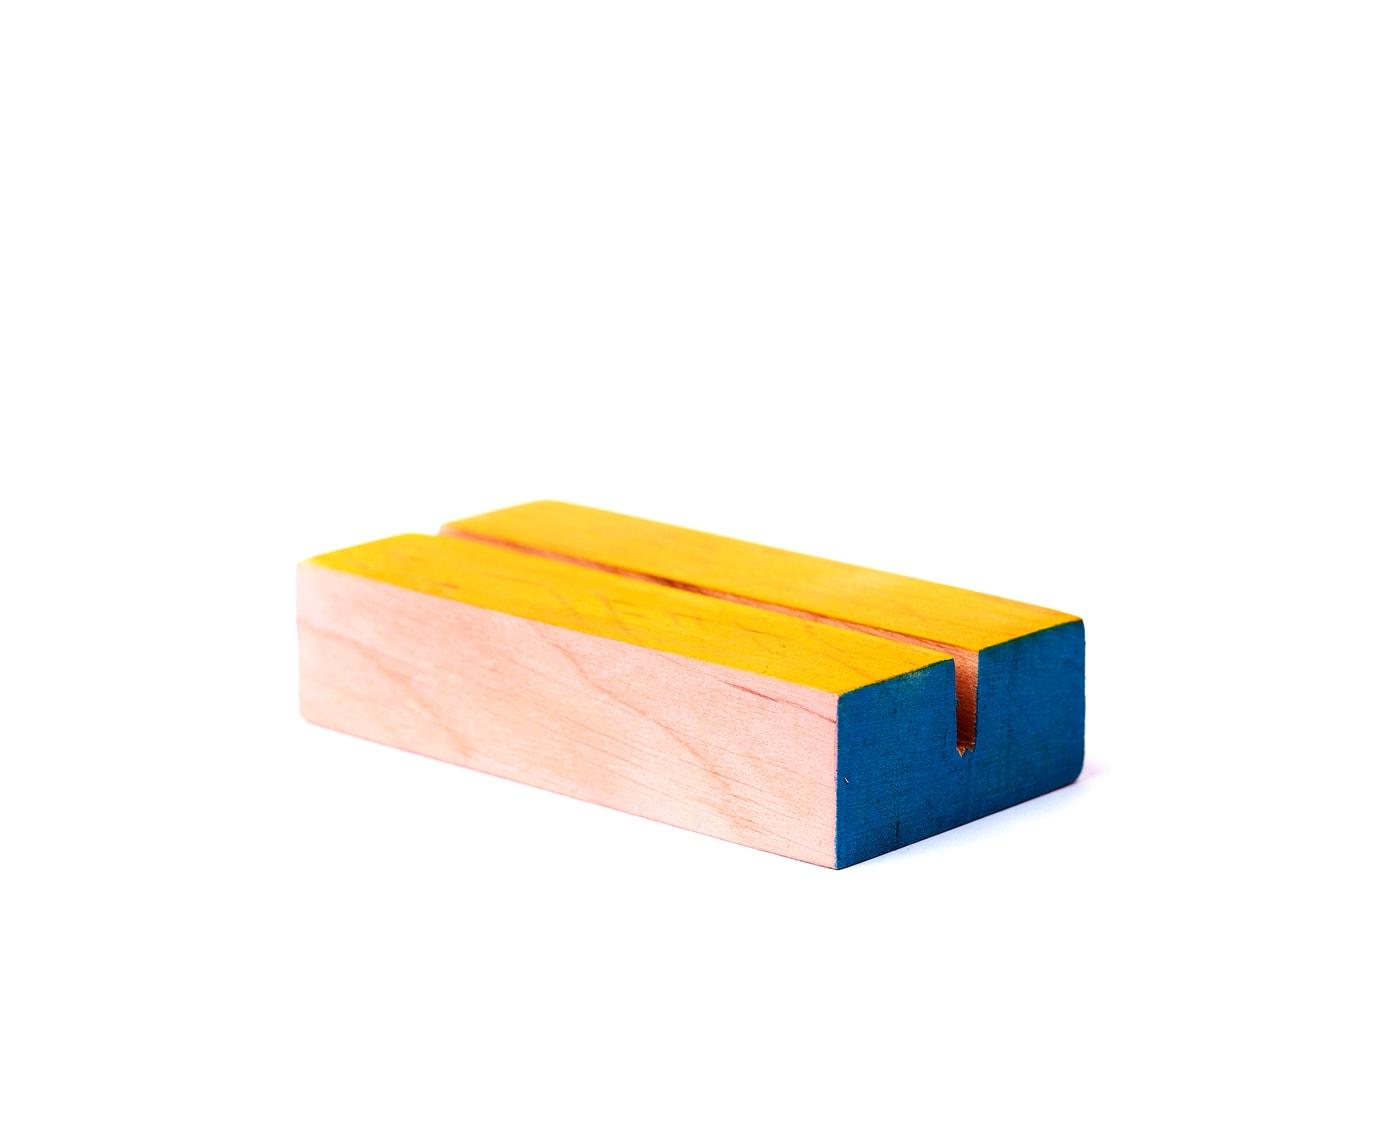 Drewniane podstawki na numery stołów w kolorach pudrowego różu, żóltego i niebieskiego